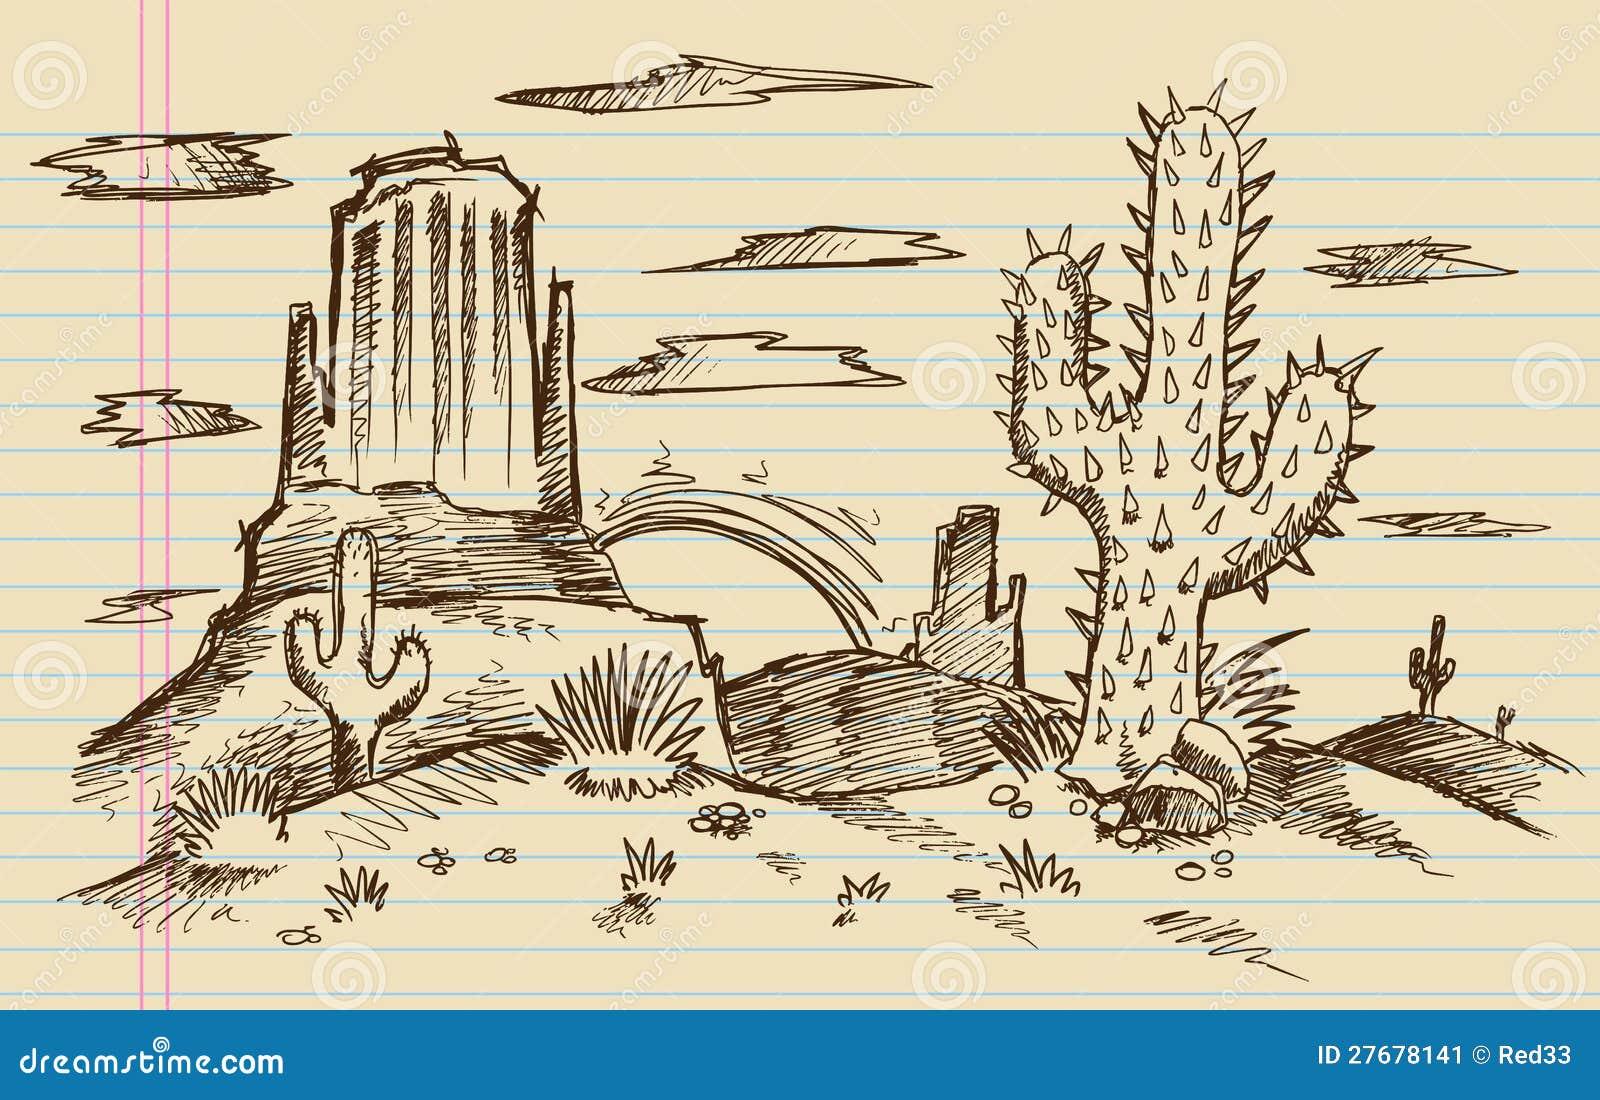 эскиз ландшафта: